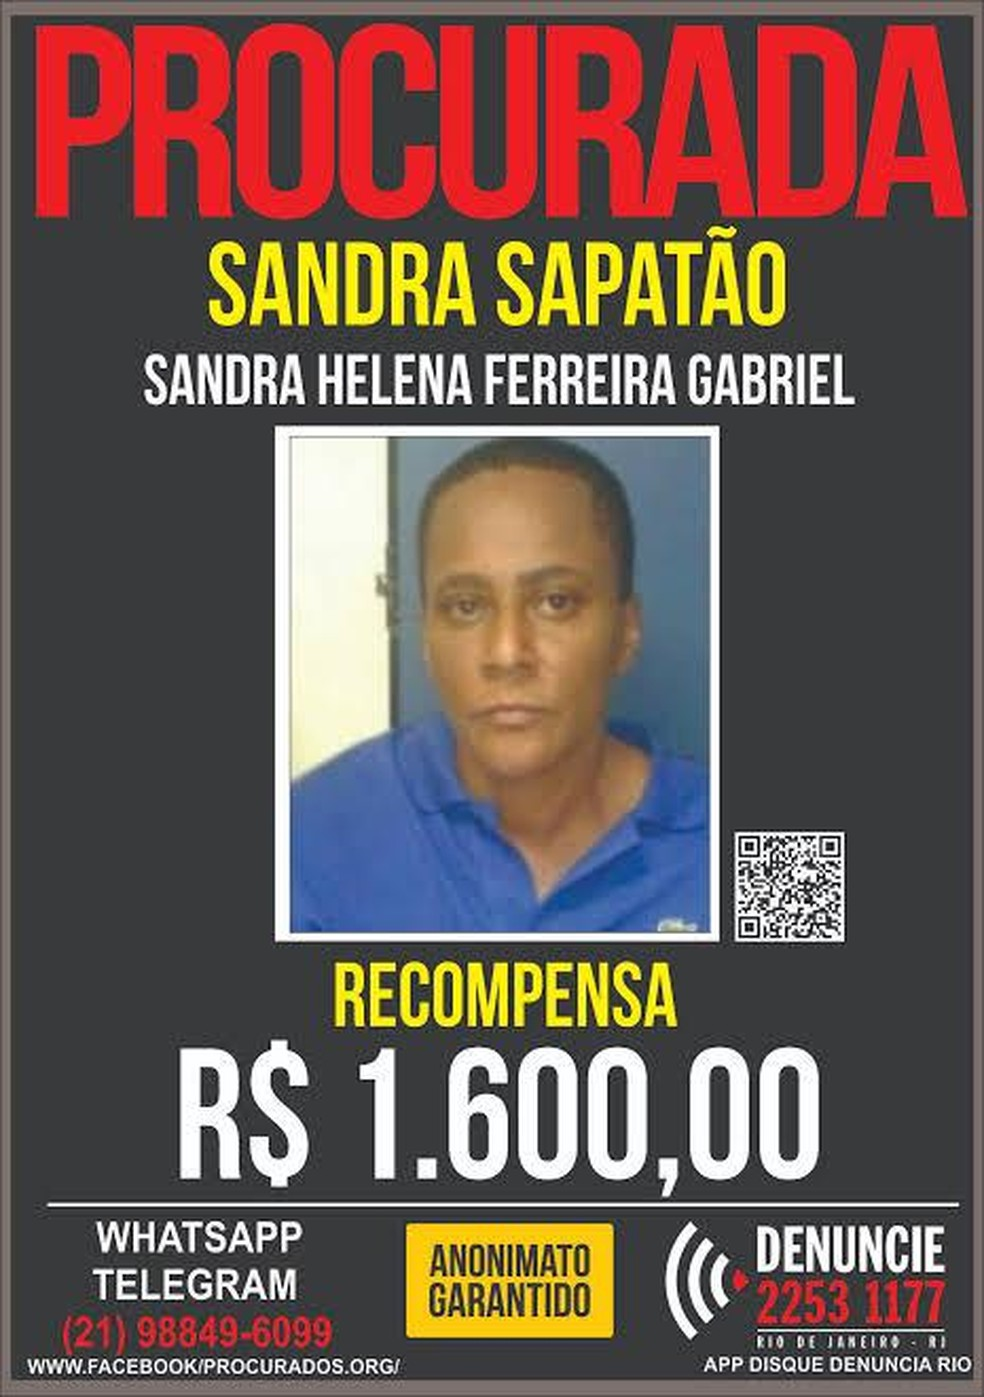 Cartaz do Portal dos Procurados oferecia recompensa por informações sobre Sandra — Foto: Divulgação